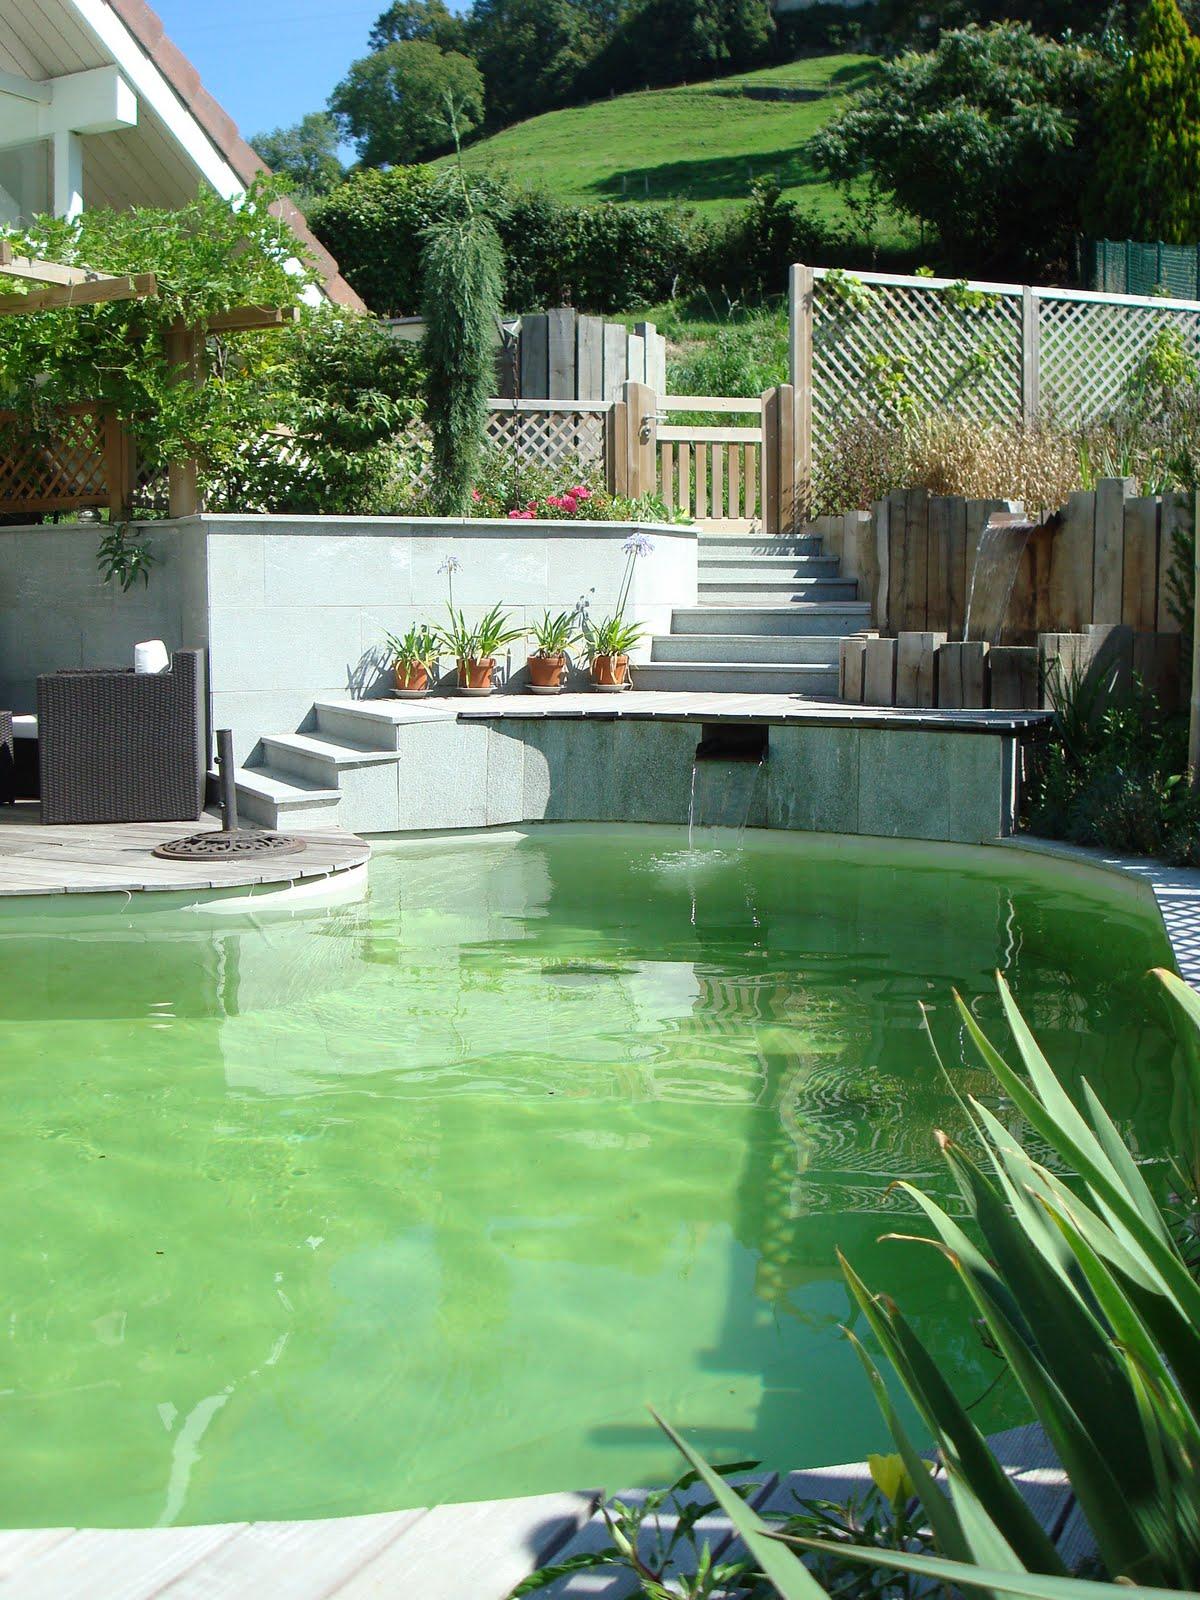 Paysagiste et am nagement de jardin thonon et annemasse for Constructeur de piscine naturelle